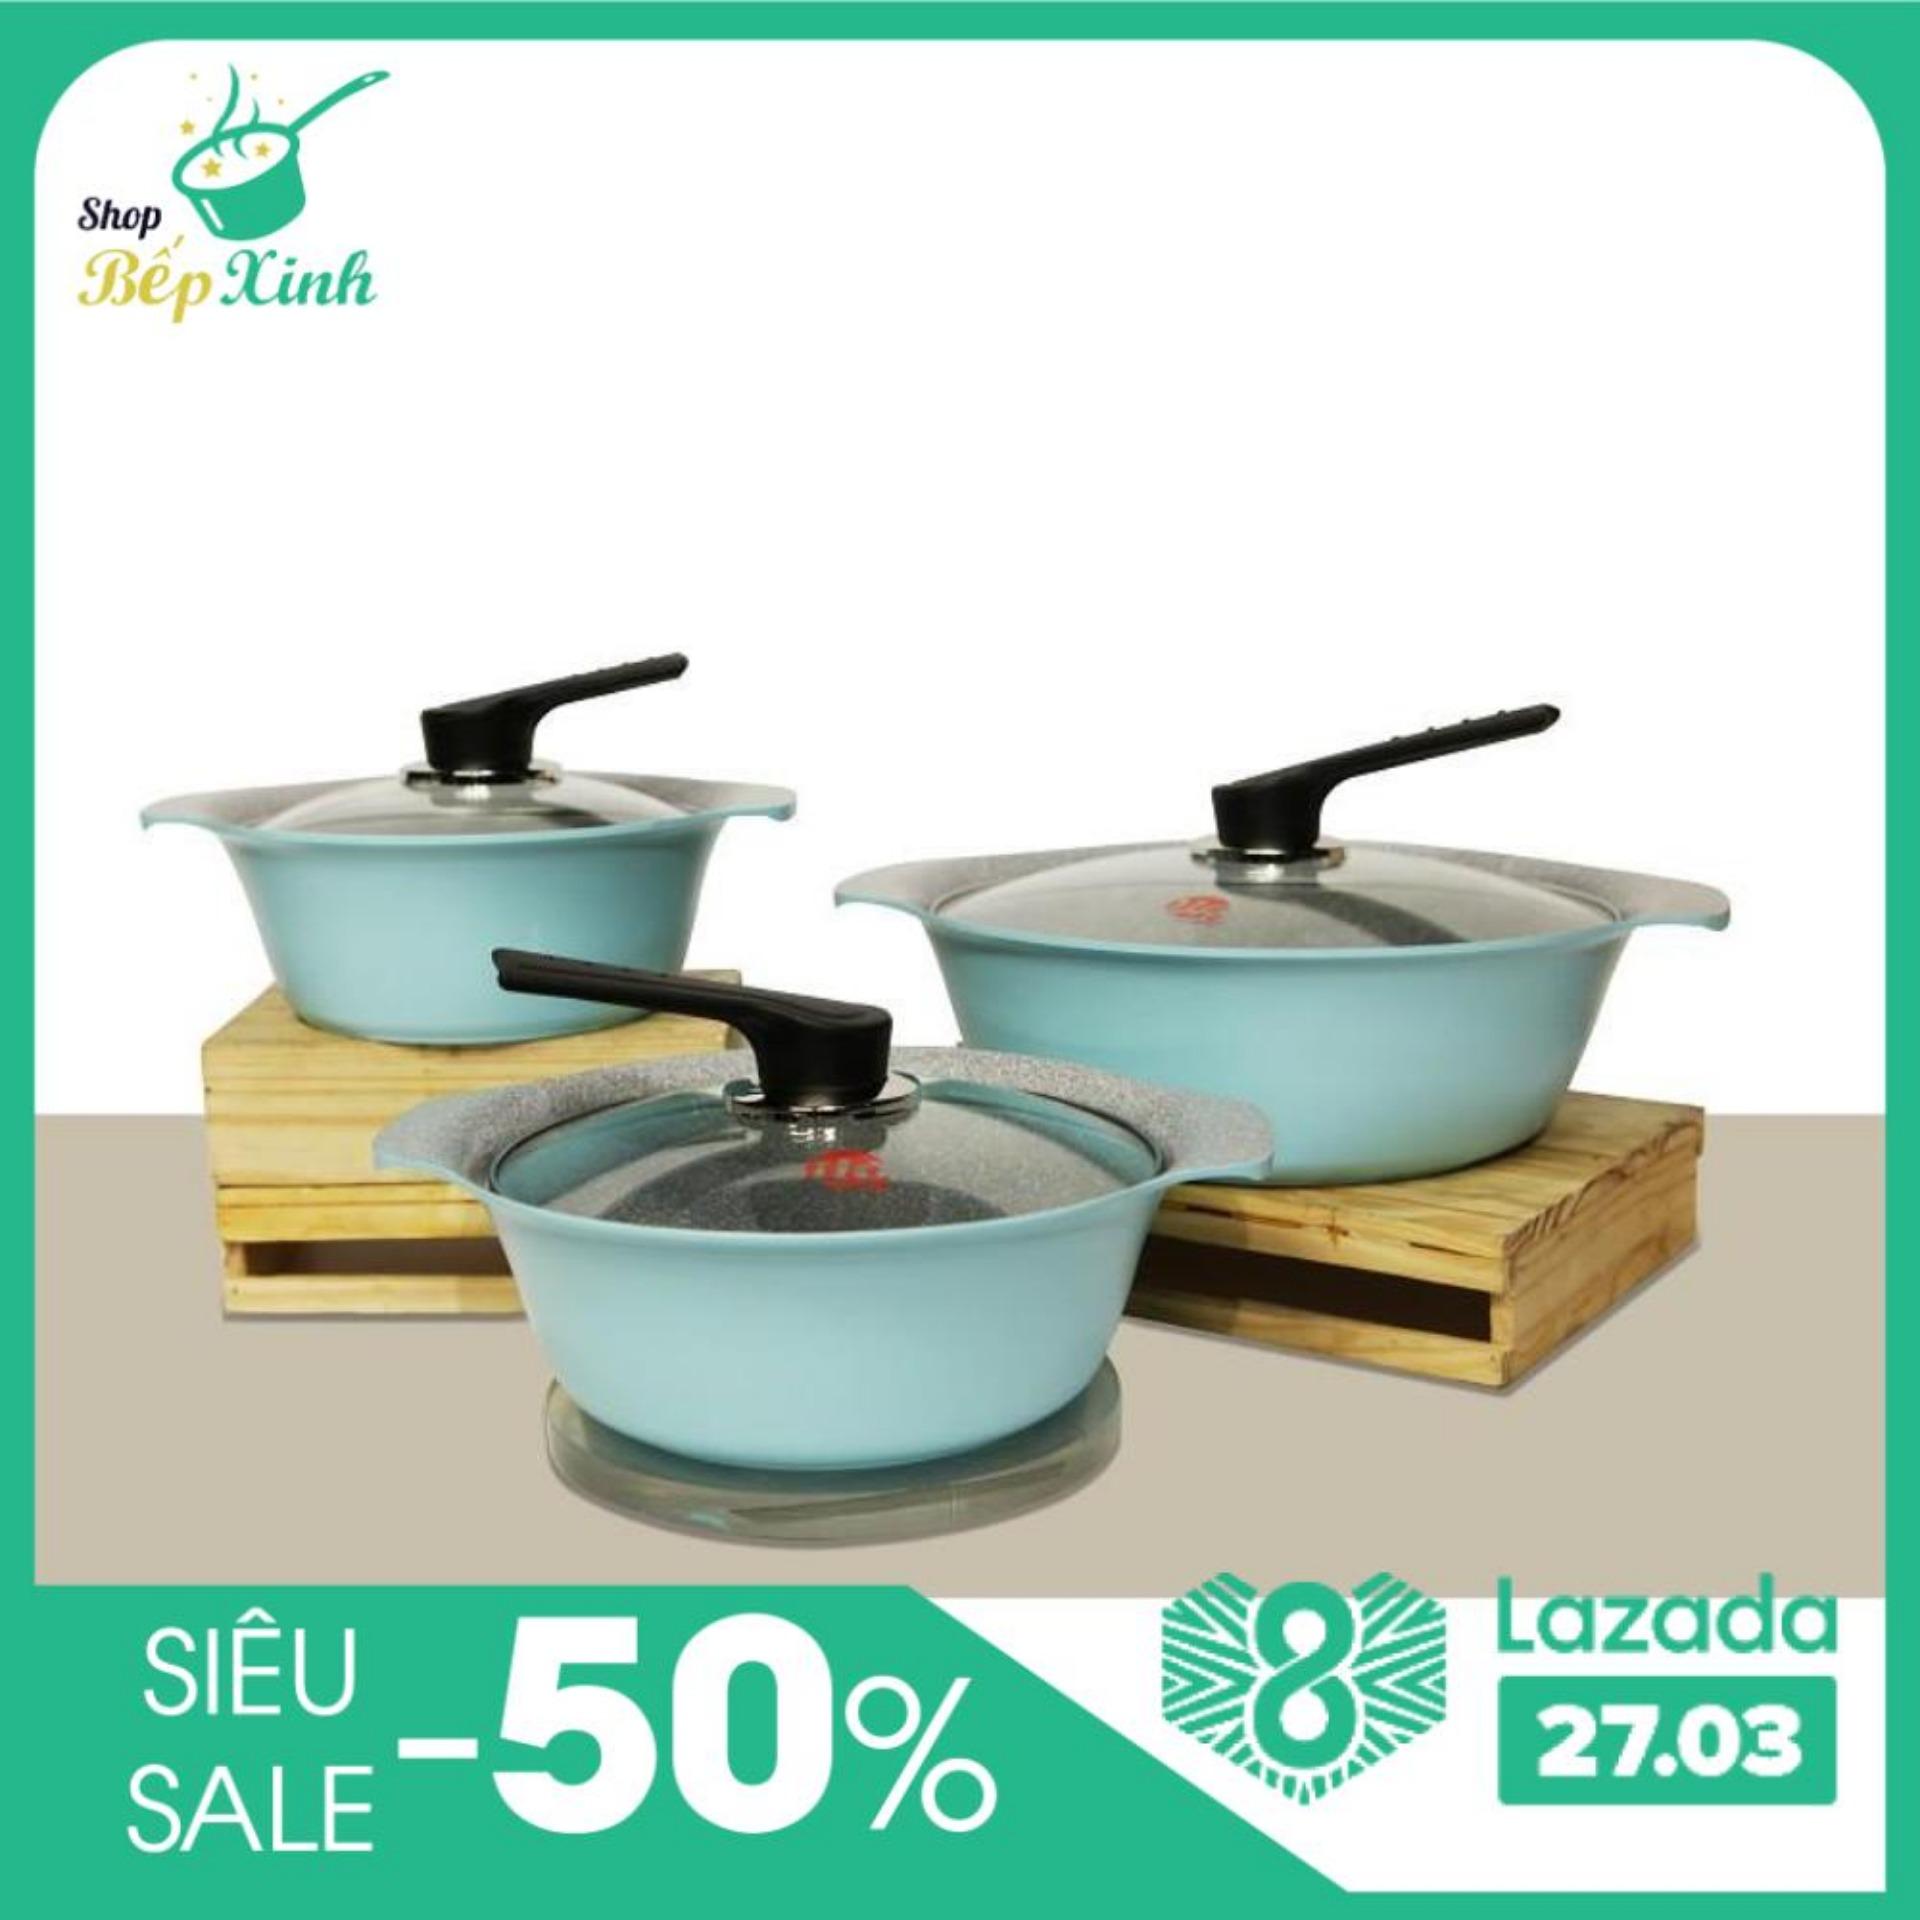 Bộ nồi Ceramic  ILO Hàn Quốc 3 món . sử dụng bếp từ . nhập khẩu Hàn Quốc (1 nồi 18cm x  1 nồi 21cm x 1 nồi 27cm)